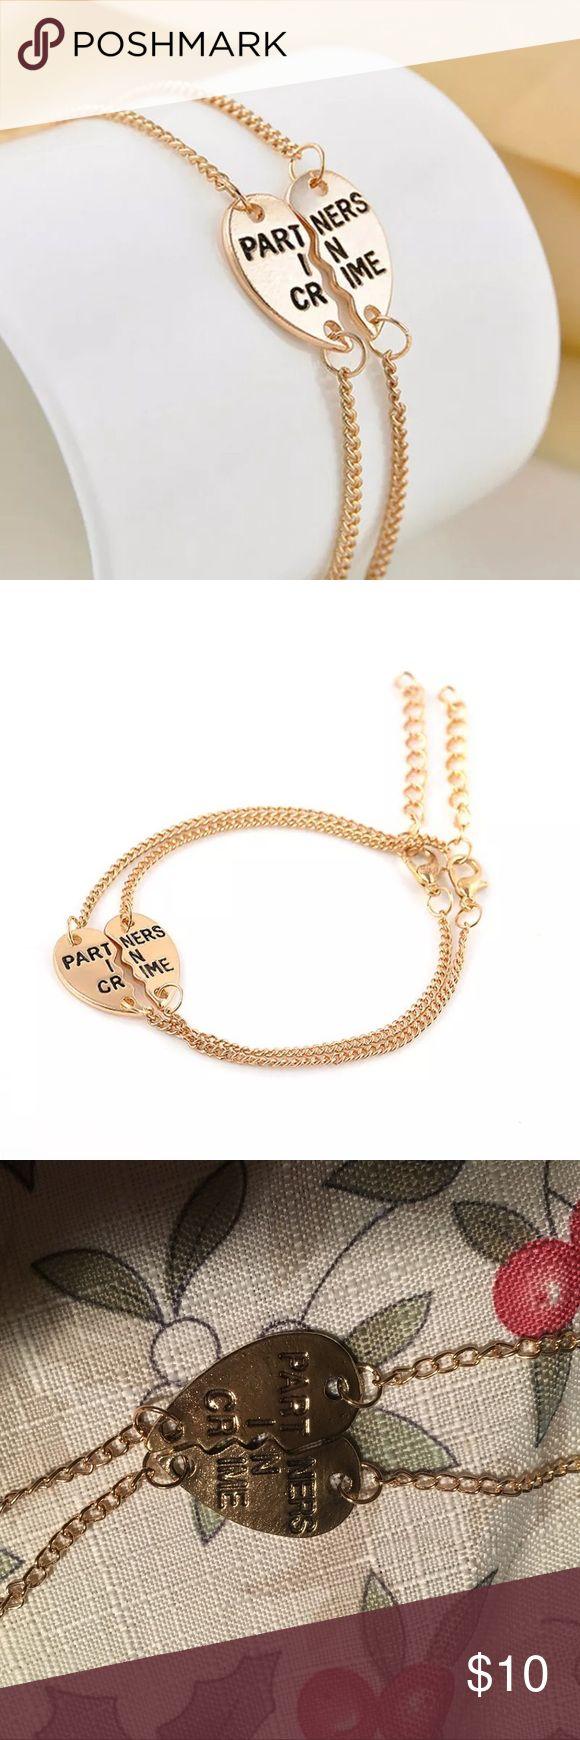 Partners in crime bracelets 2 pc bracelet set Gold plated Partners in crime best friend bracelets Half heart broken heart Jewelry Bracelets